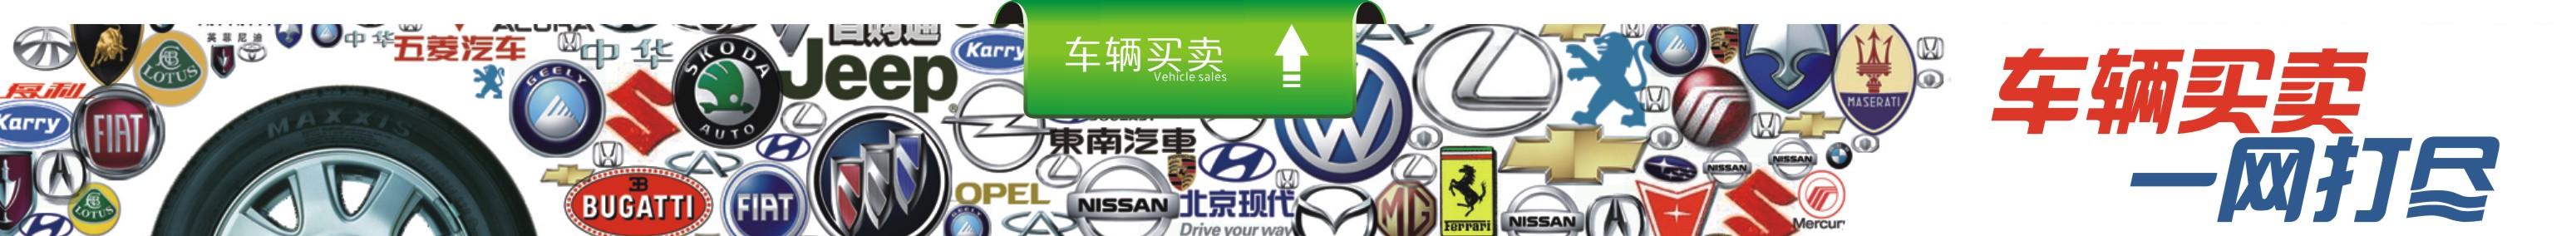 亚博yaboPG电子汽车4s店 免费发布车辆信息